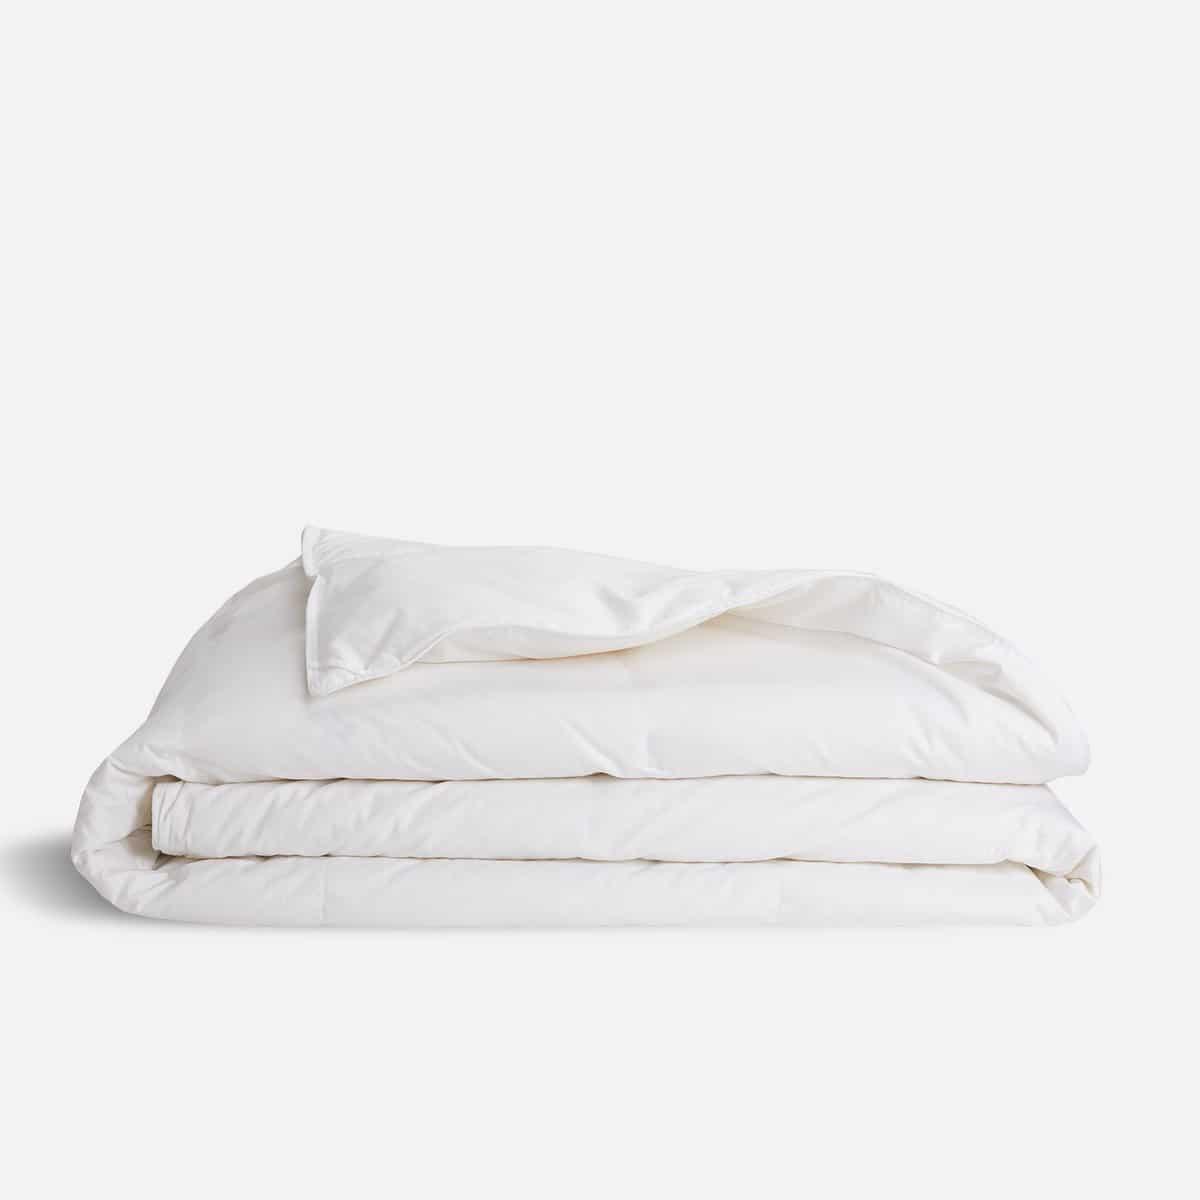 brooklinen lightweight comforter